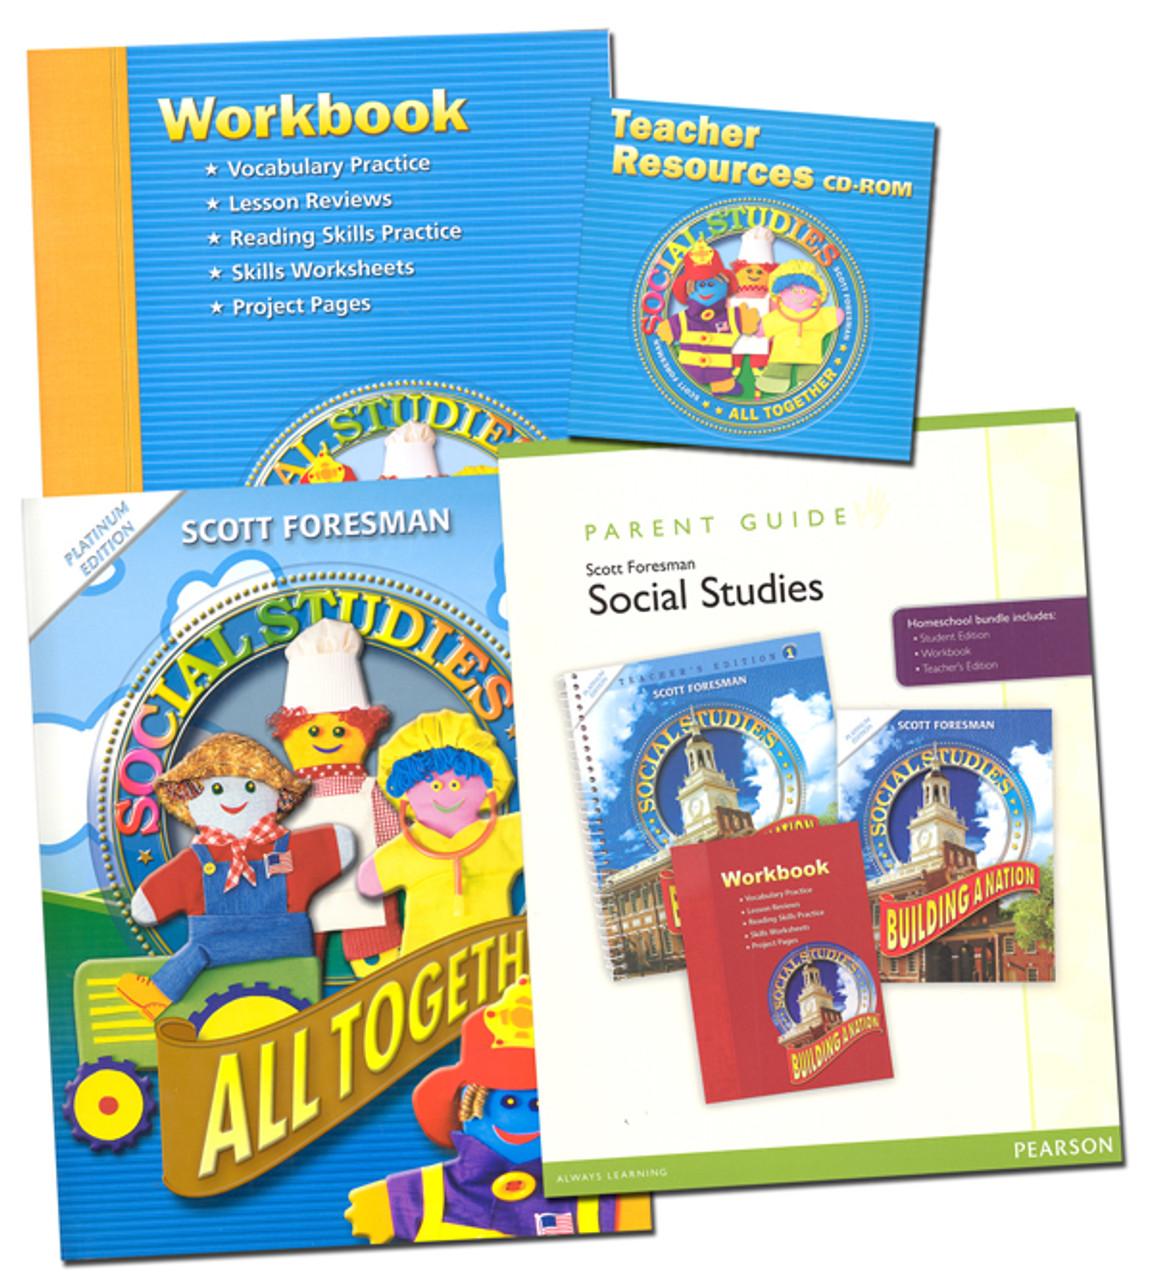 Scott Foresman Social Studies Grade 1 Bundle All Together